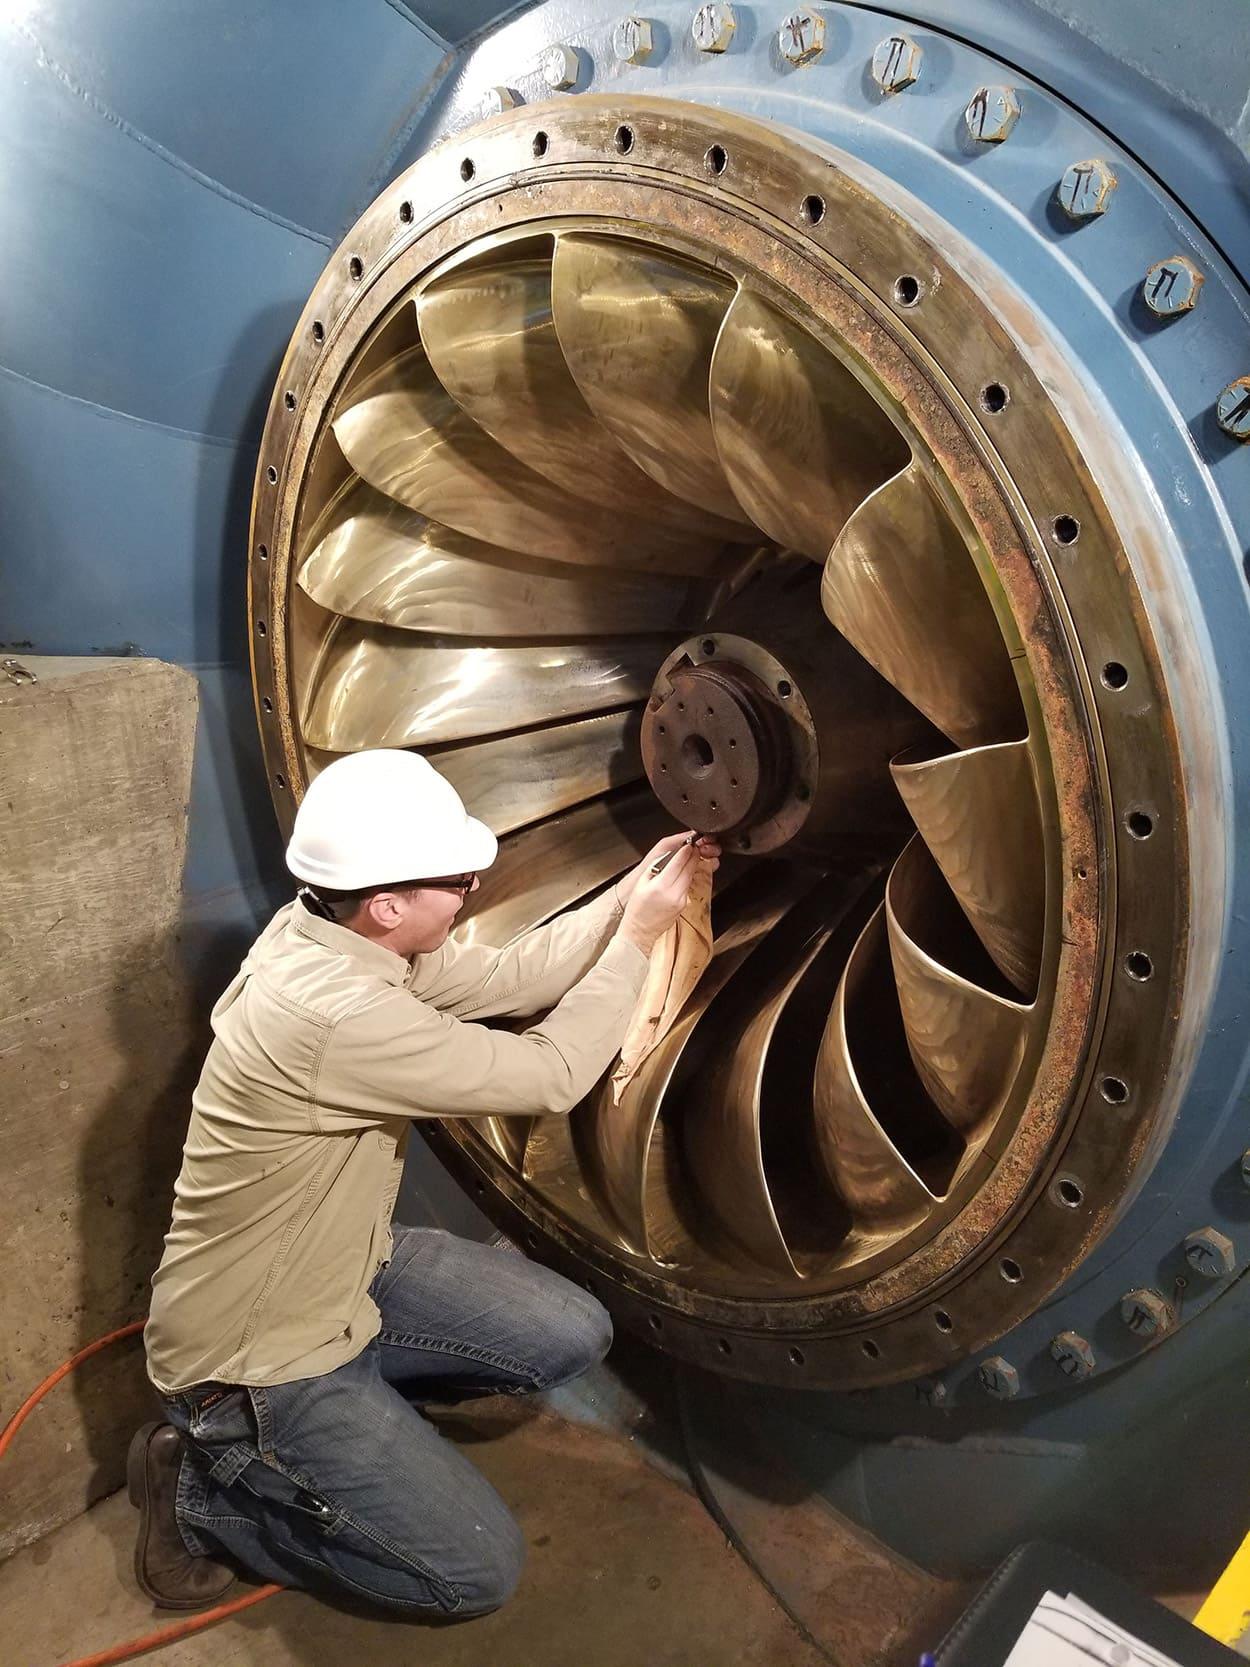 MCWRA Nacimento Turbine 2